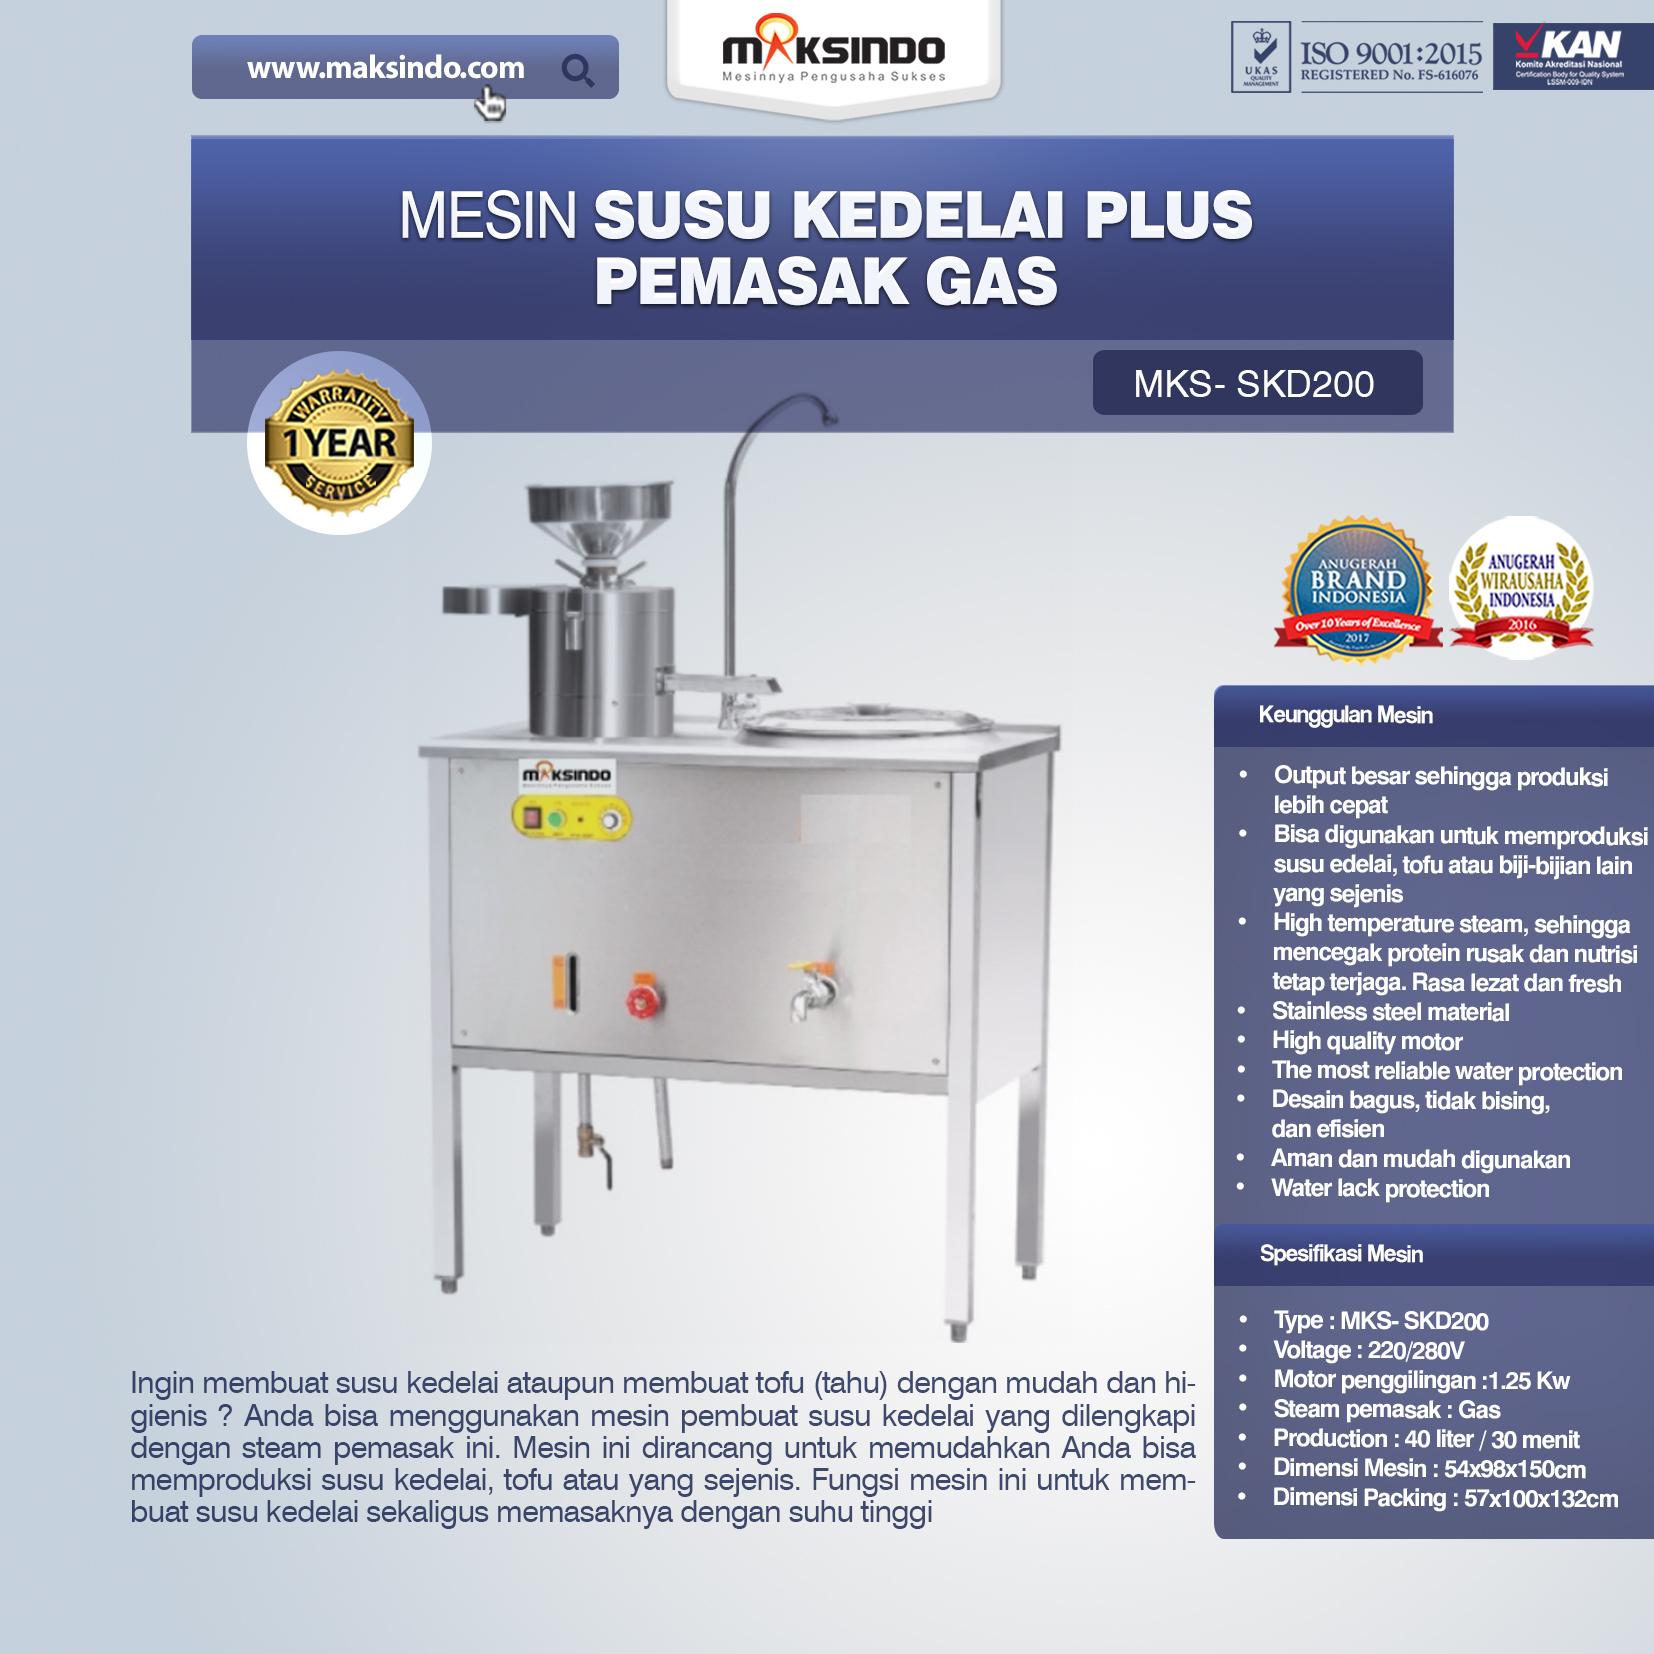 Jual Mesin Susu Kedelai Plus Pemasak Gas (SKD200) di Bandung